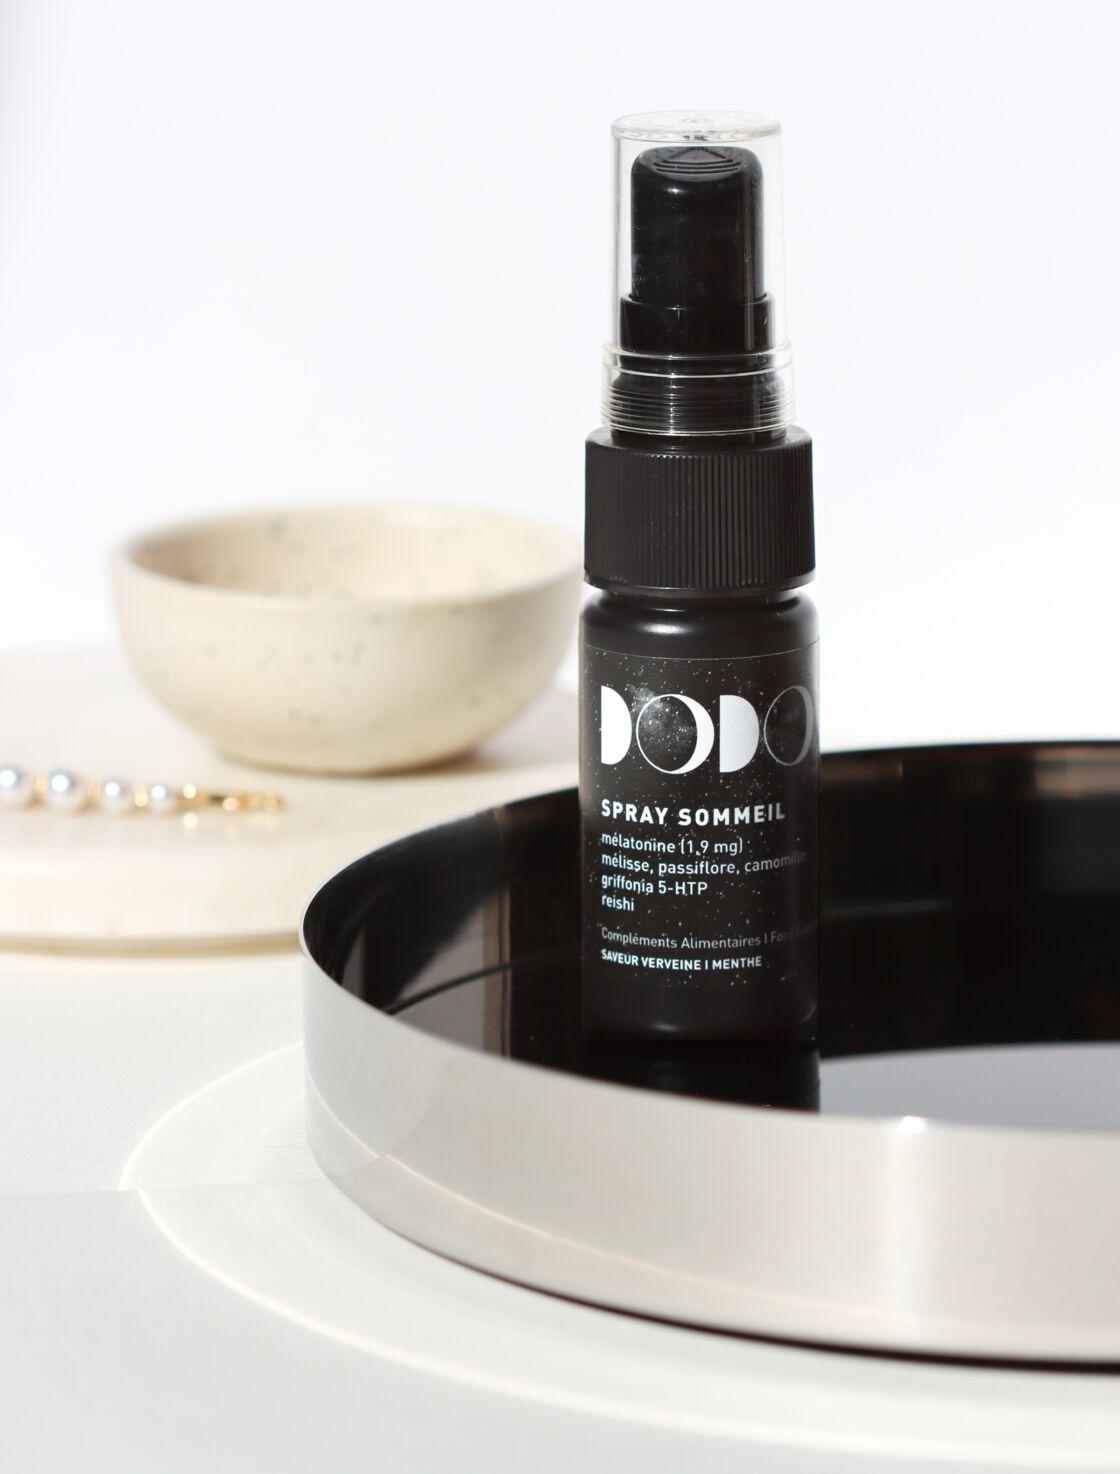 DODO, un spray sommeil naturel à base de 6 plantes naturelles (Day+ for care, 35 € pour un mois)